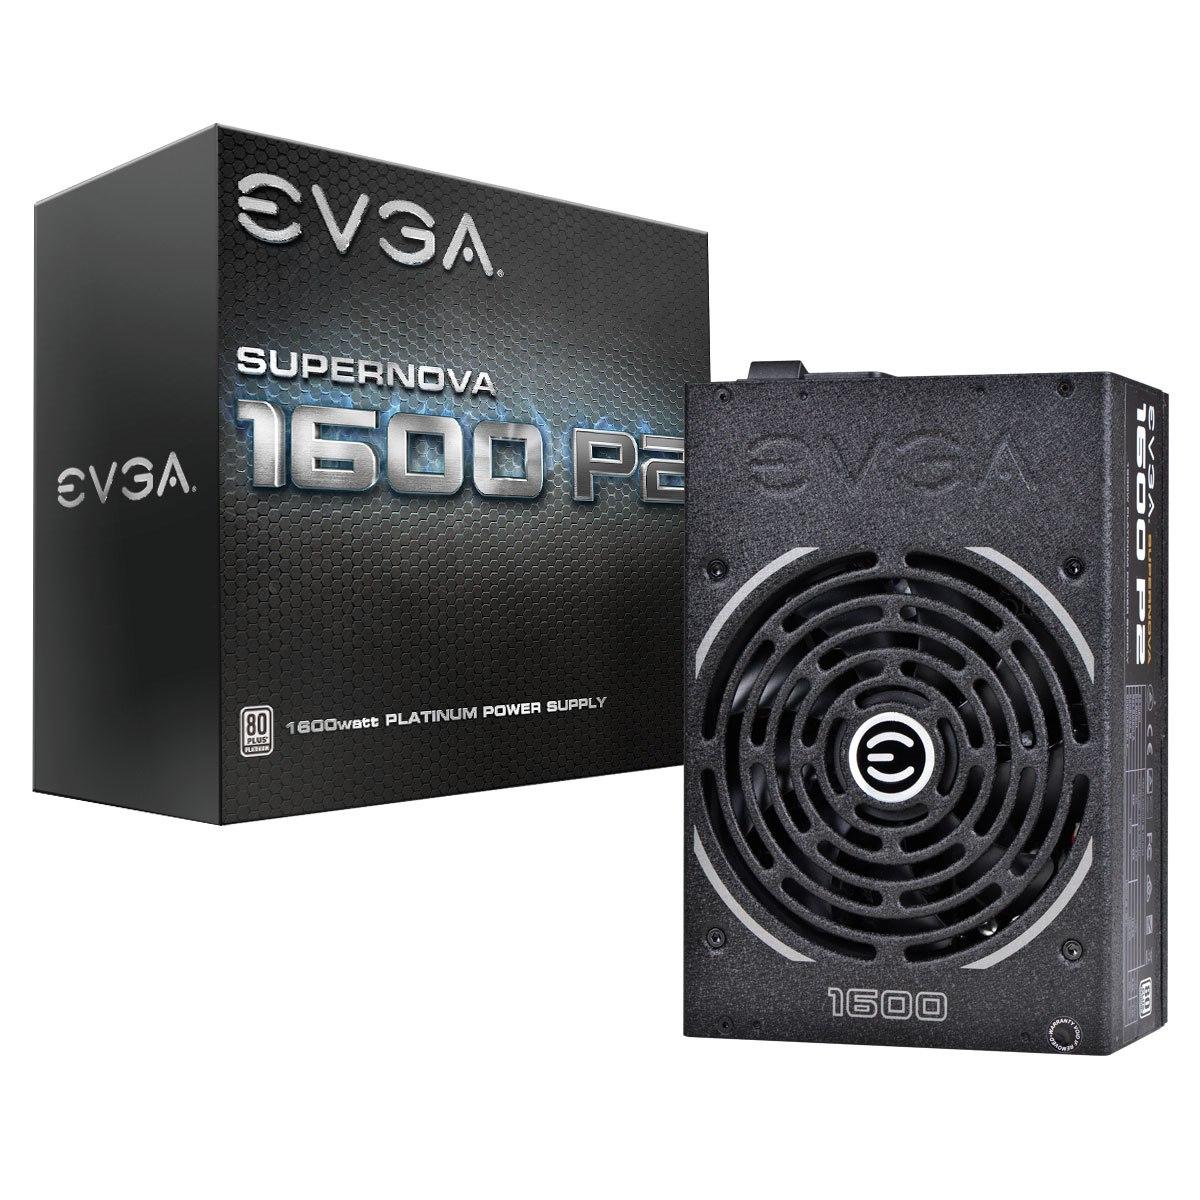 EVGA SuperNOVA 1600 P2 ATX12V/EPS12V Modular Power Supply - 1.60 kW